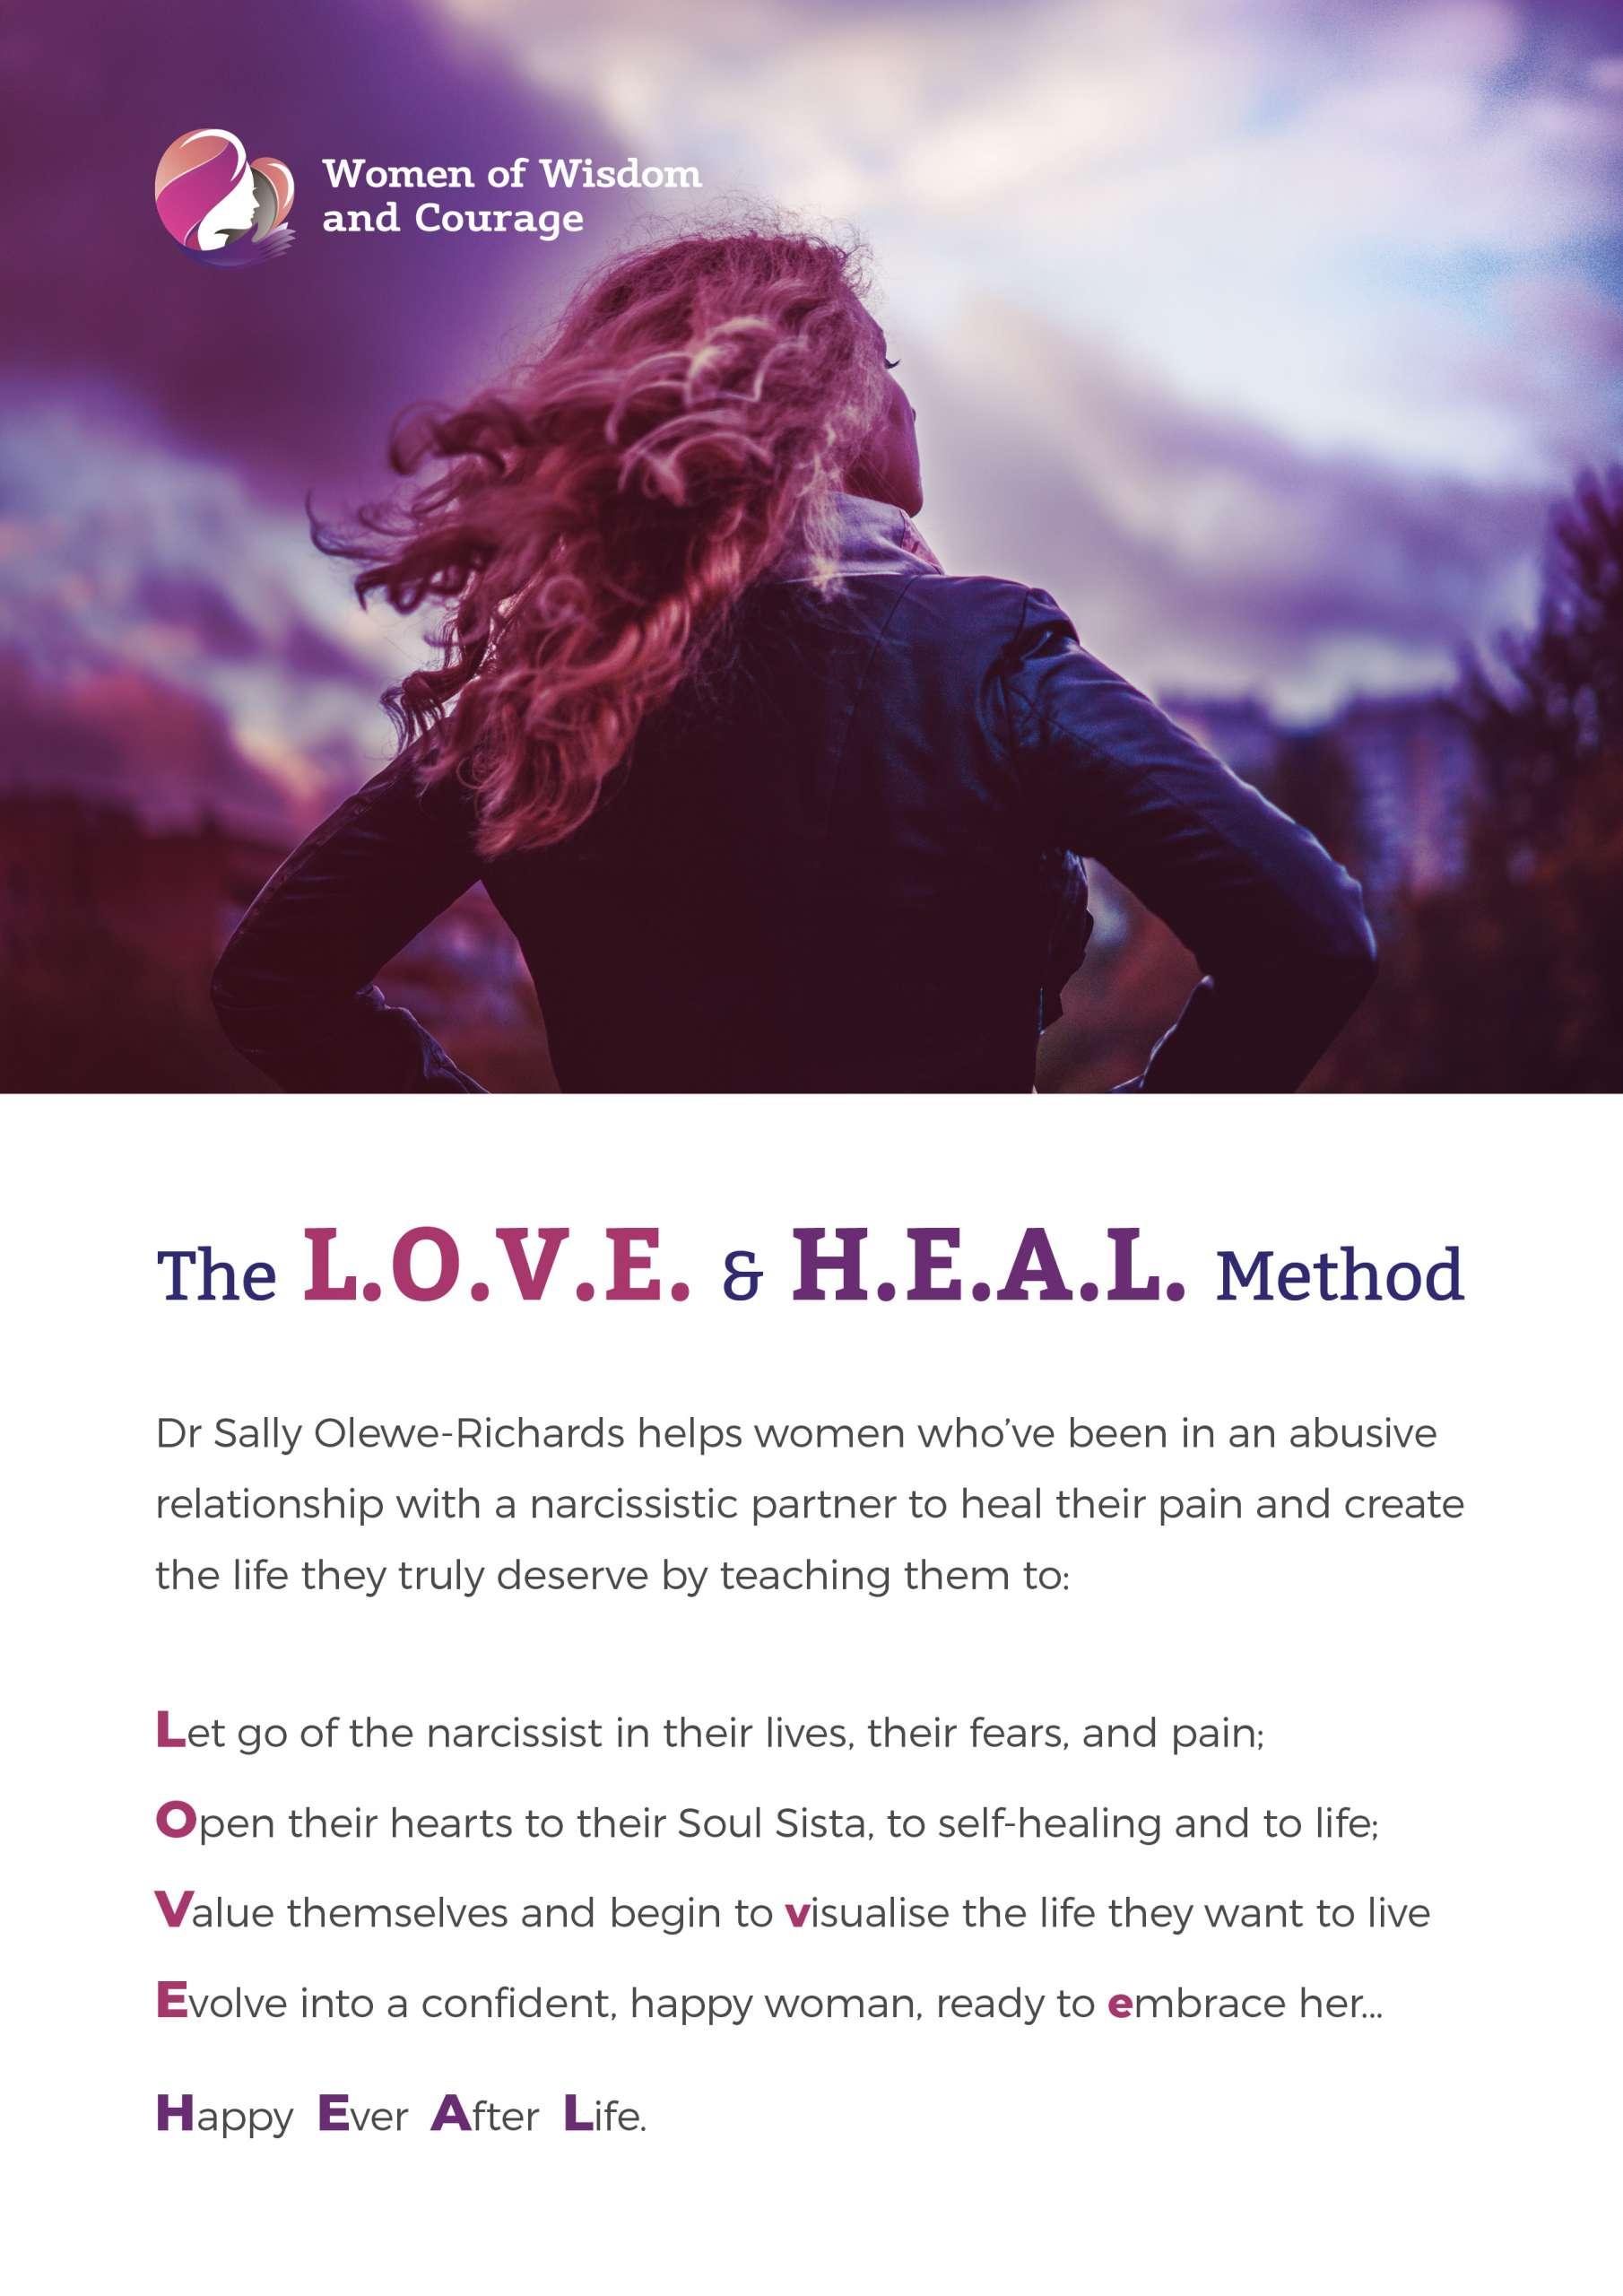 The L.O.V.E and H.E.A.L Method